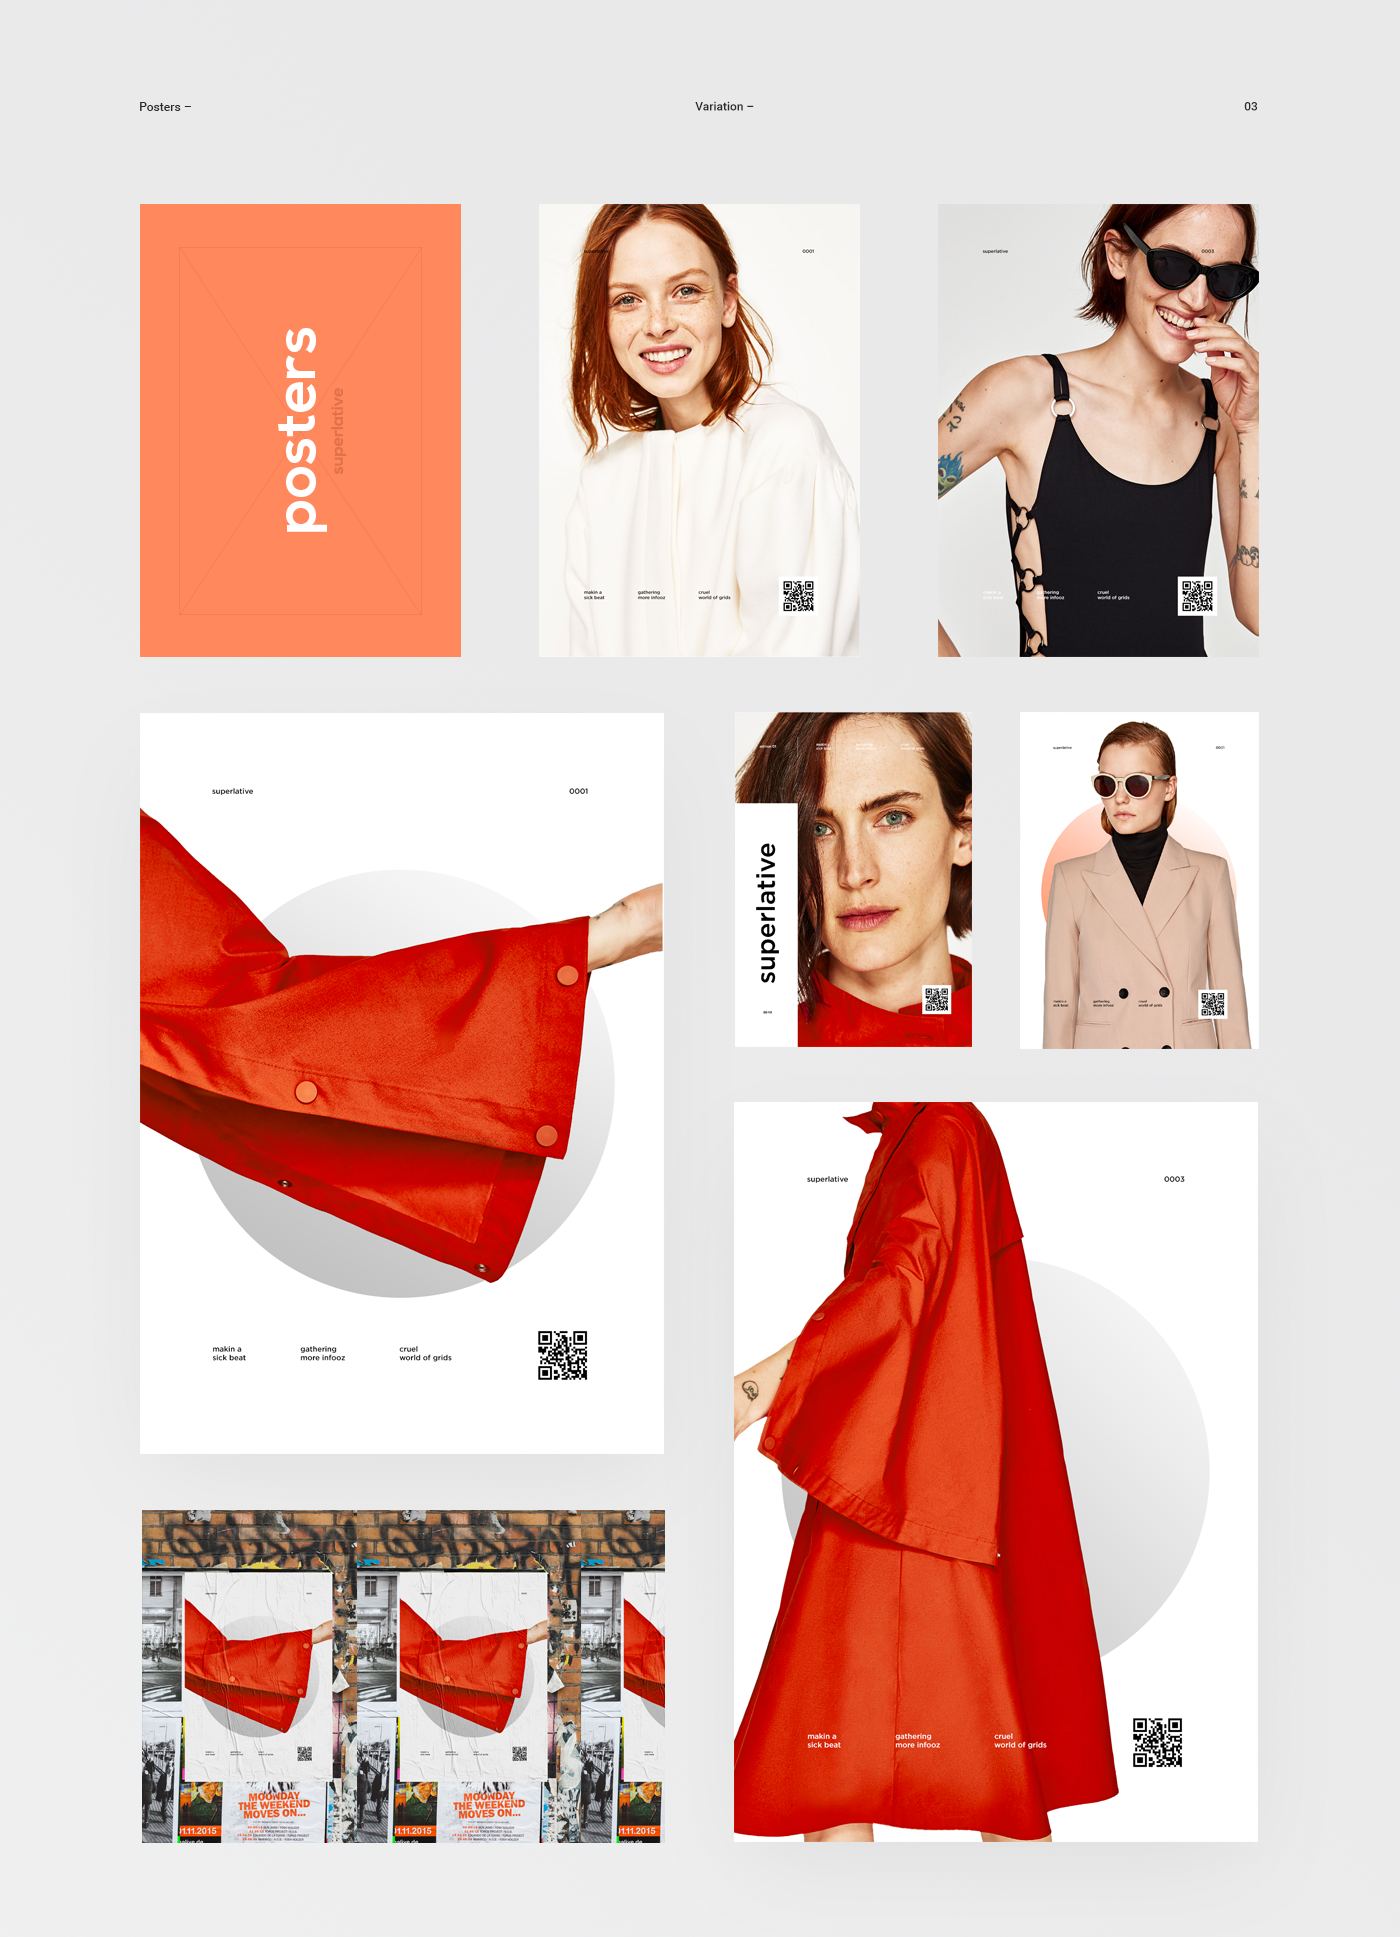 5 Projets de Branding, d'Identité ou de Redesign à voir #19